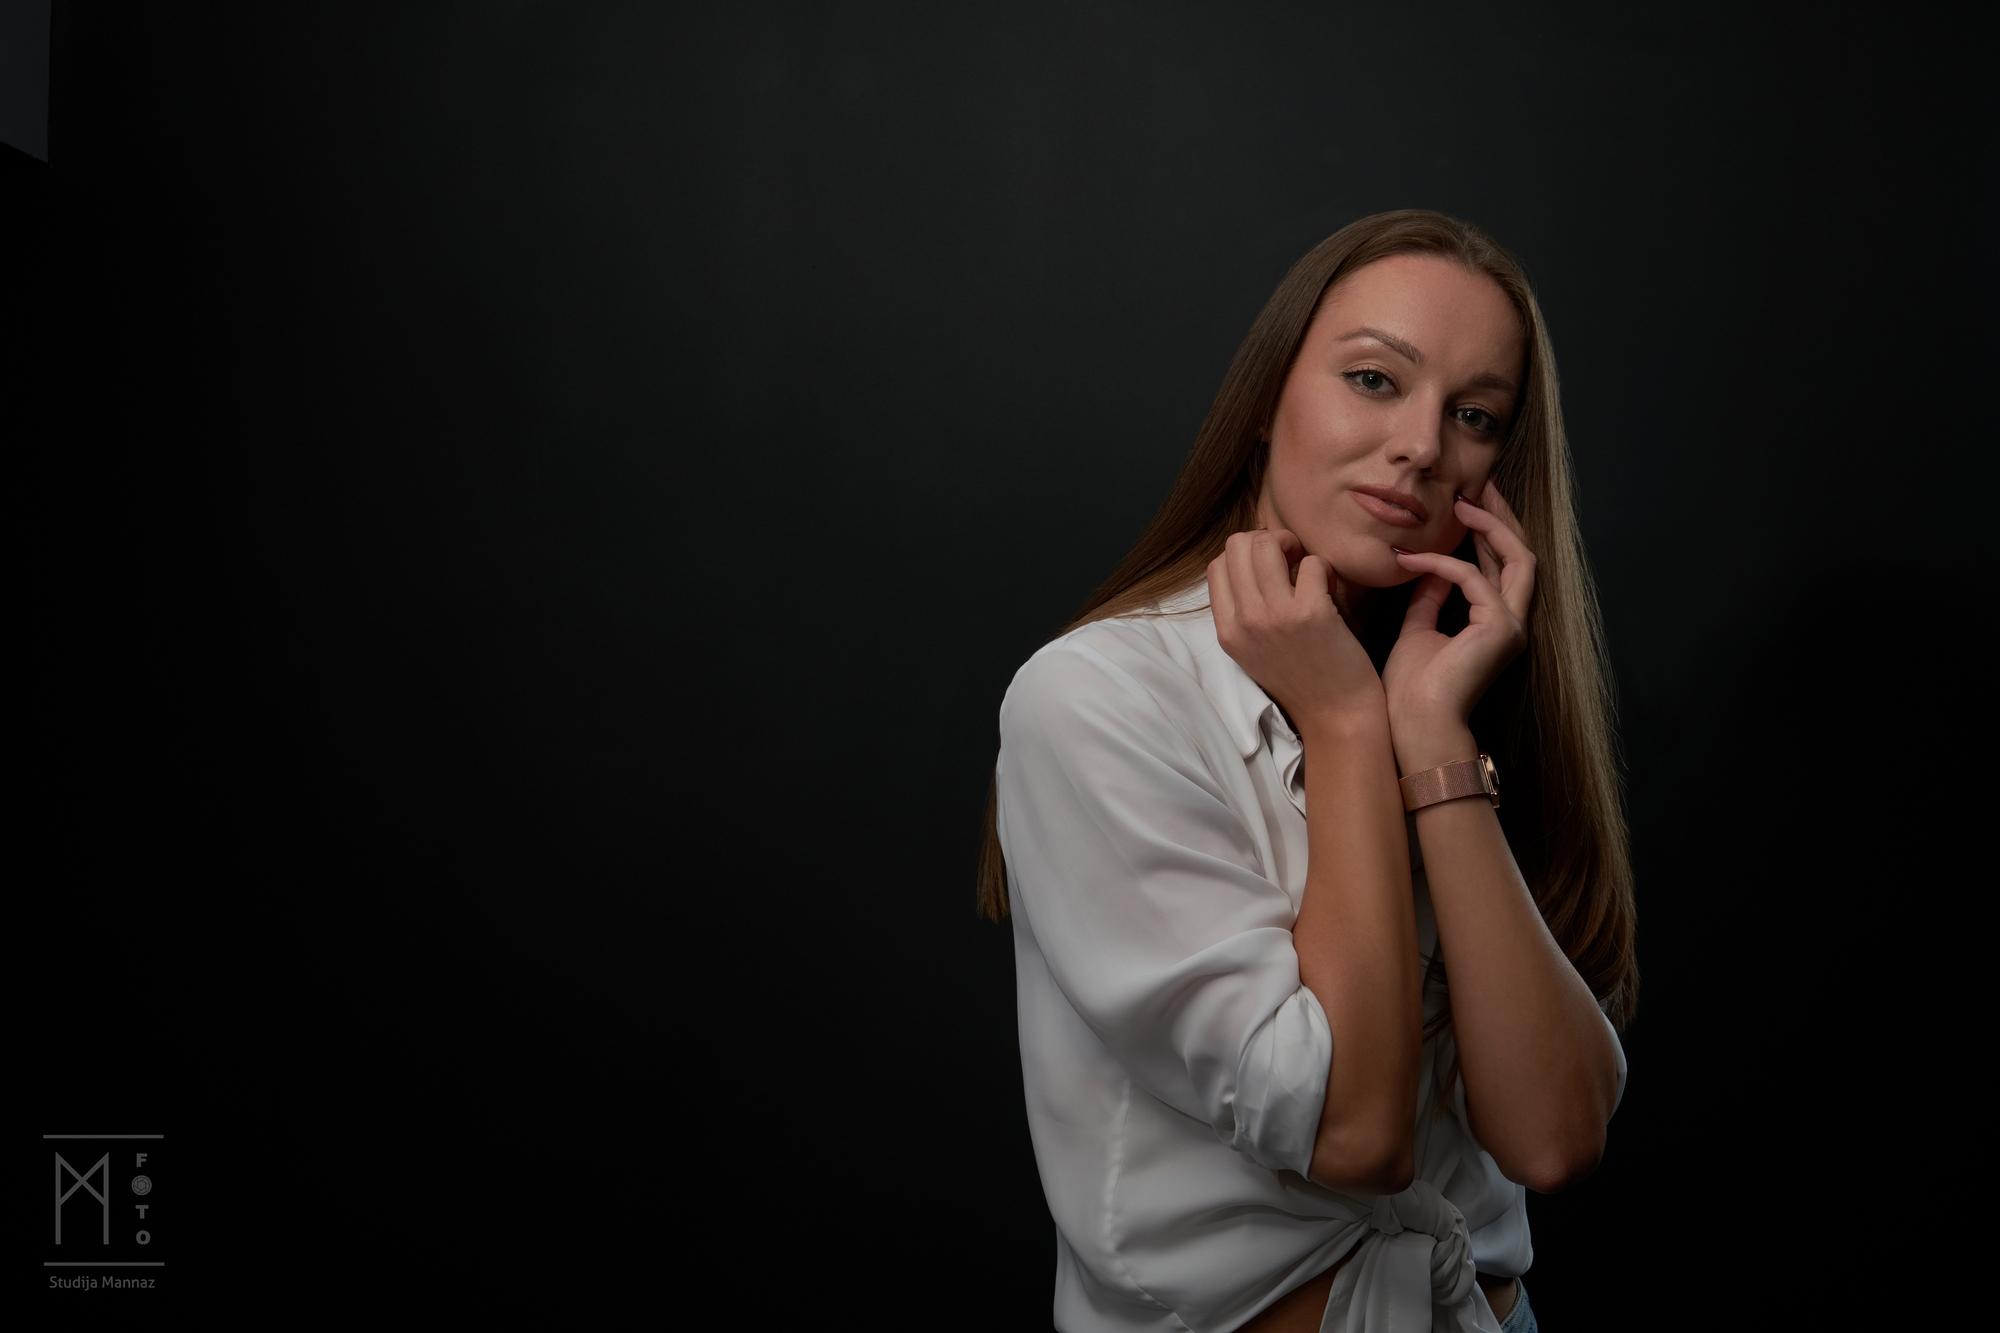 Portretai ir asmeninės fotosesijos